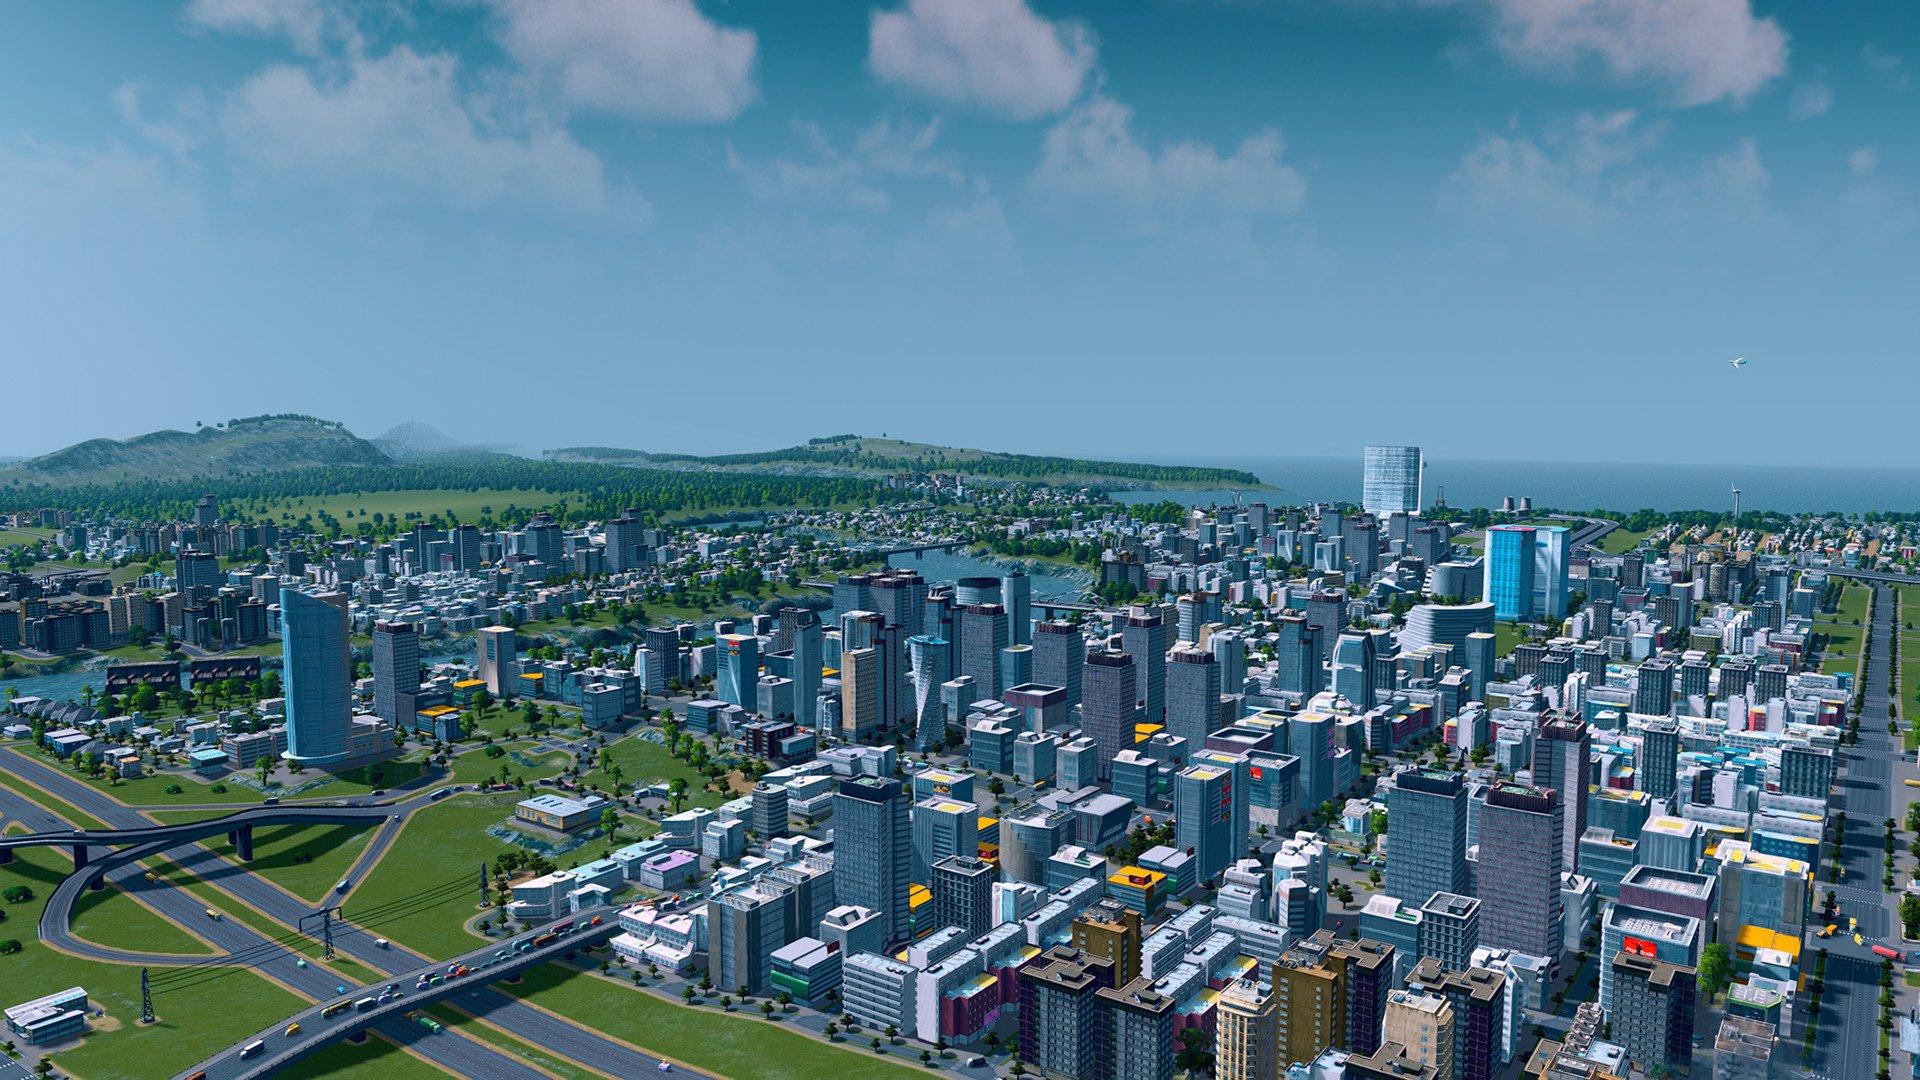 Градостроительный симулятор Cities: Skylines стал временно бесплатным в Steam